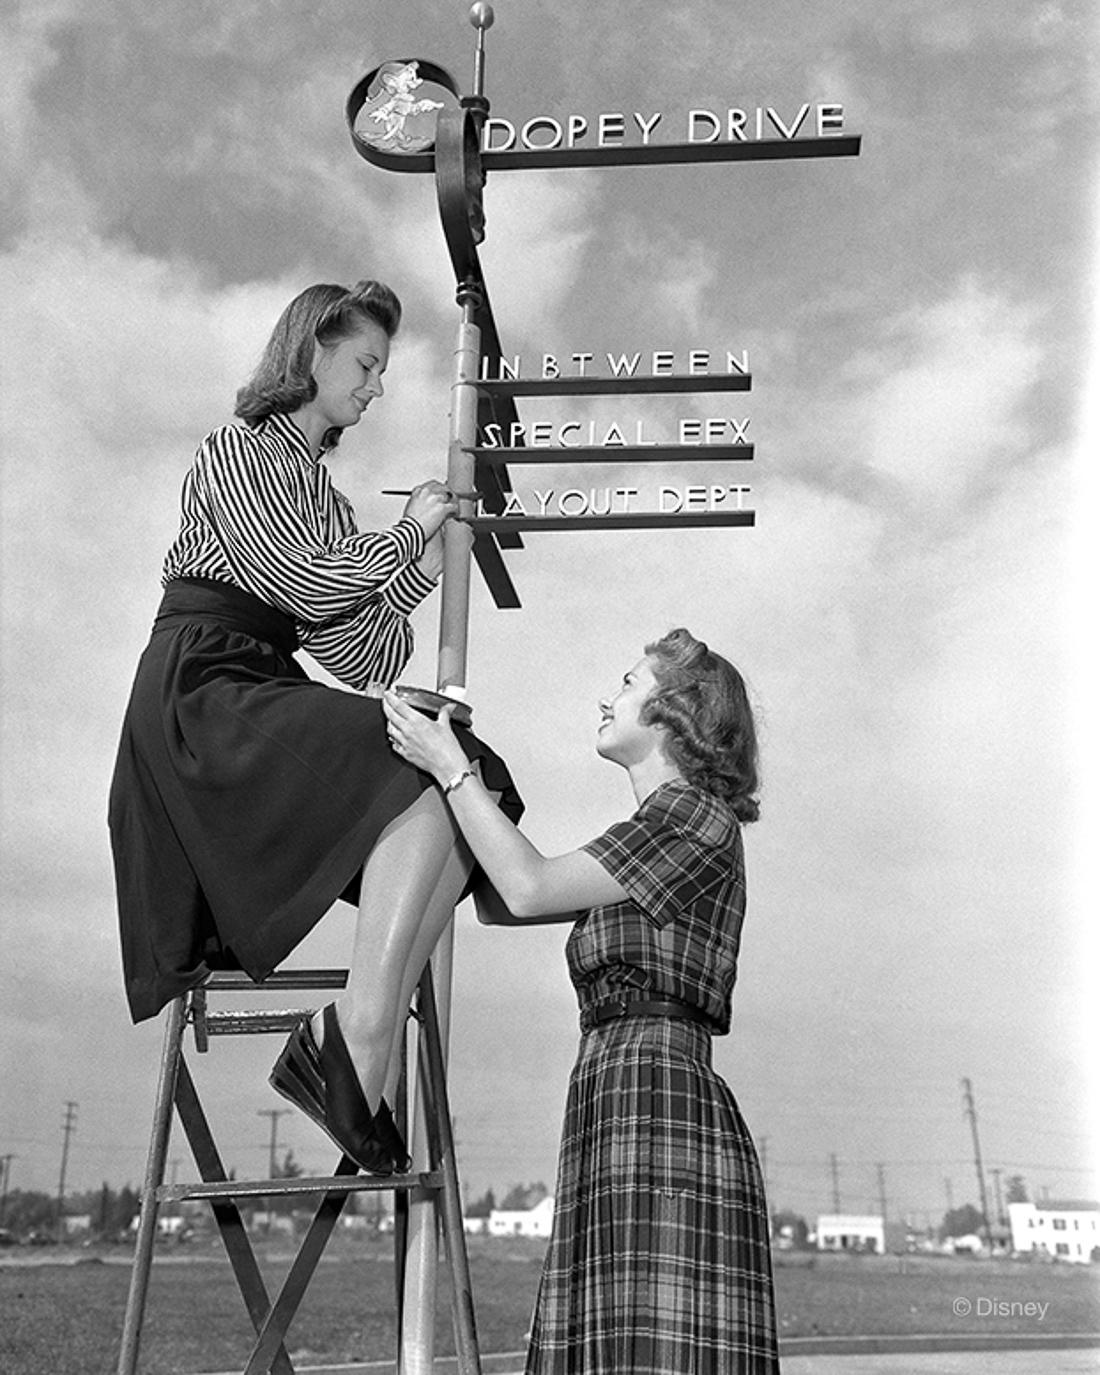 Rok 1940- Pracownice studia Disney'a podpisują nowo postawiony drogowskaz.